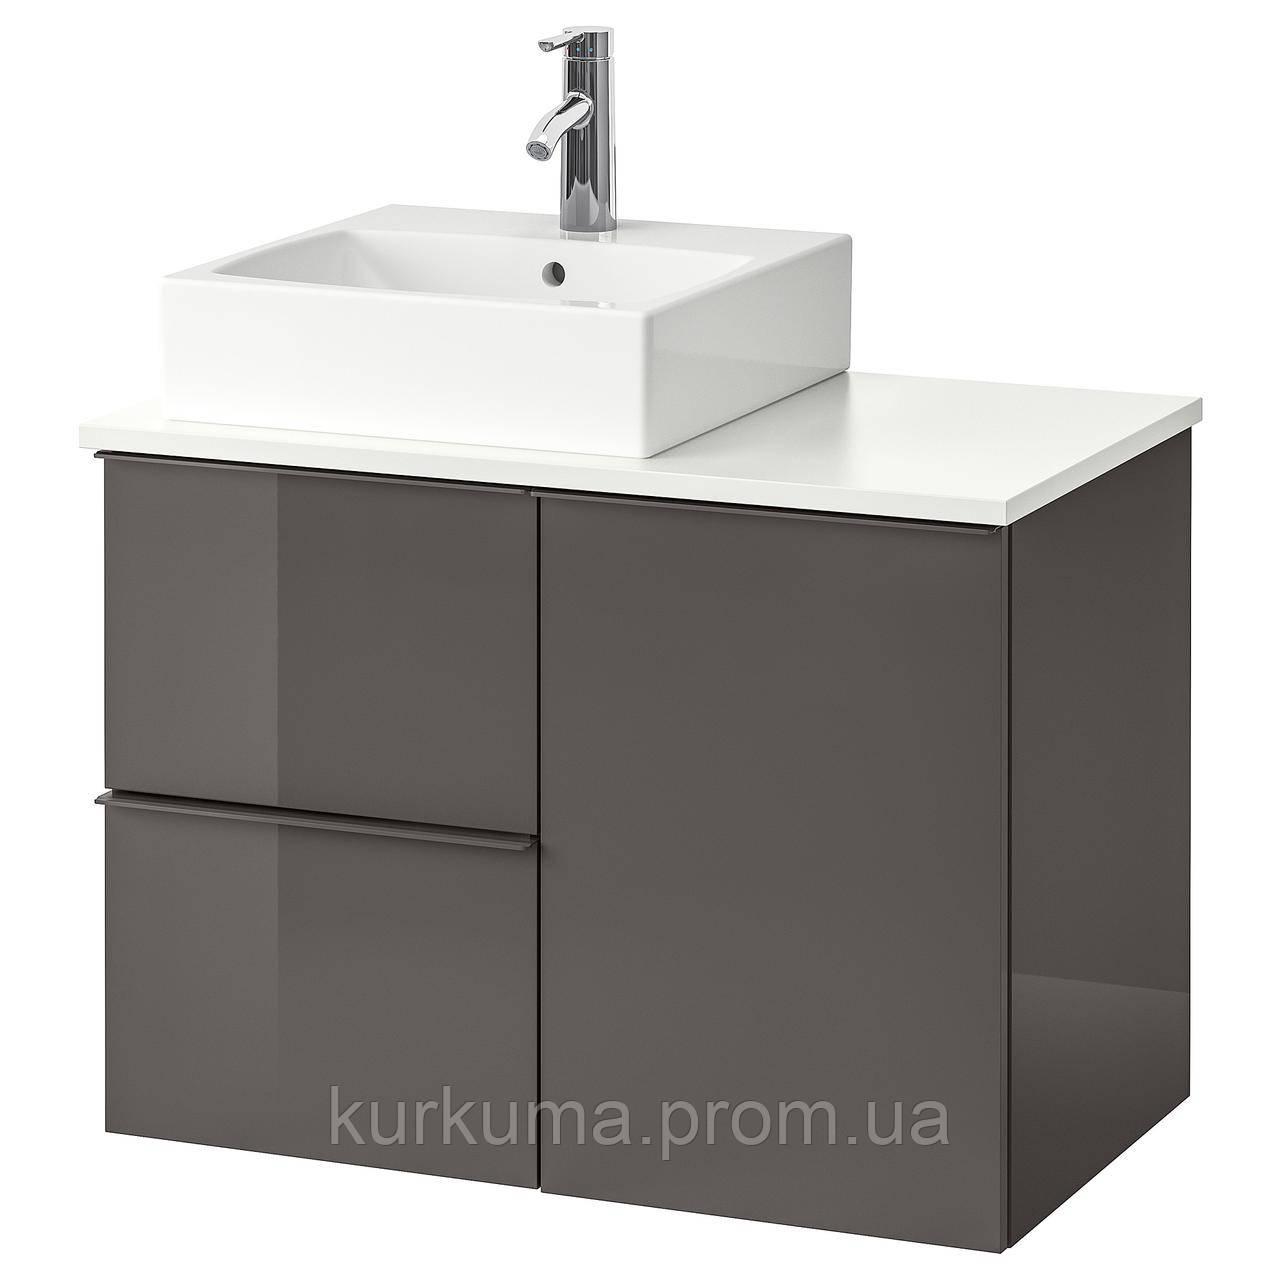 IKEA GODMORGON/TOLKEN/TORNVIKEN Шкаф под умывальник с раковиной 45x45, глянцевый серый, белый  (892.603.39)